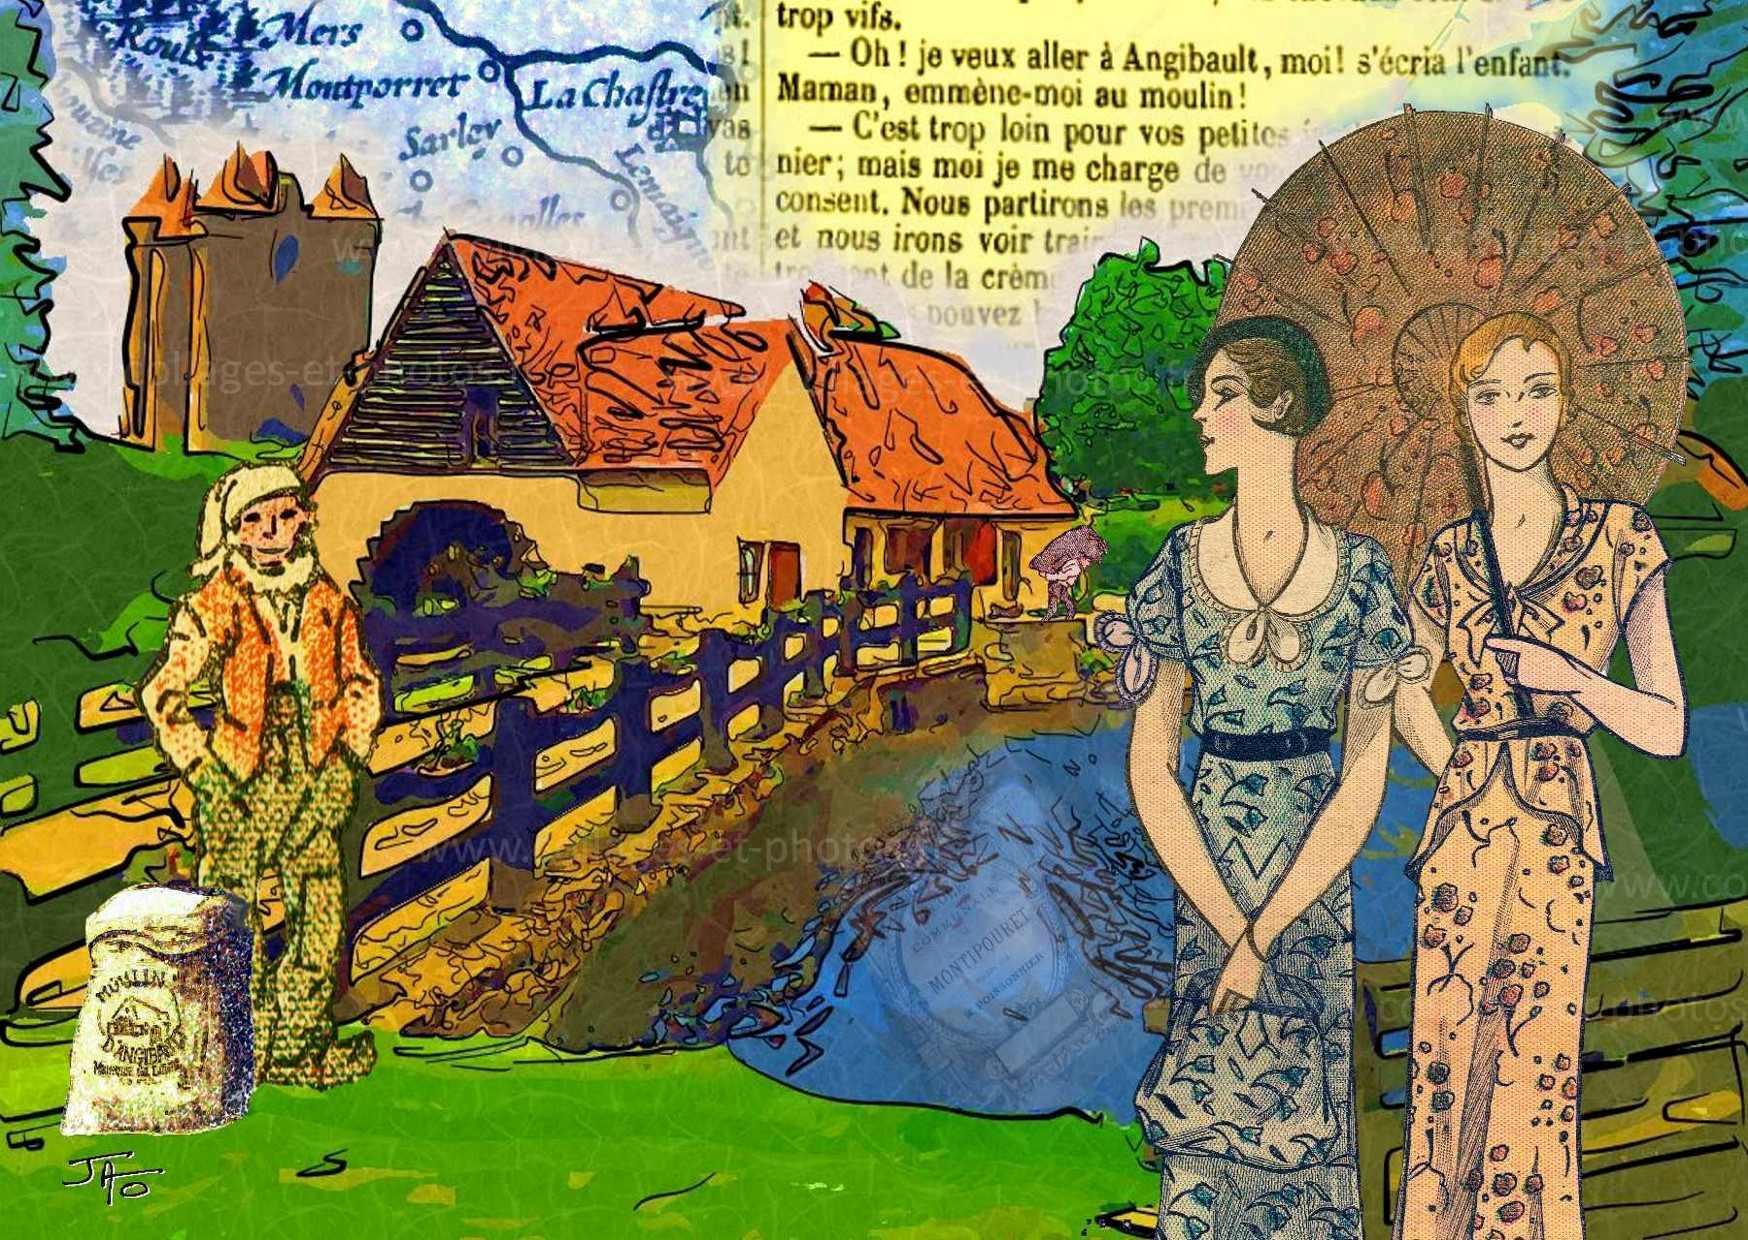 Une nouvelle cartes postale-collage pour l'Indre : Le Moulin d'Angibault